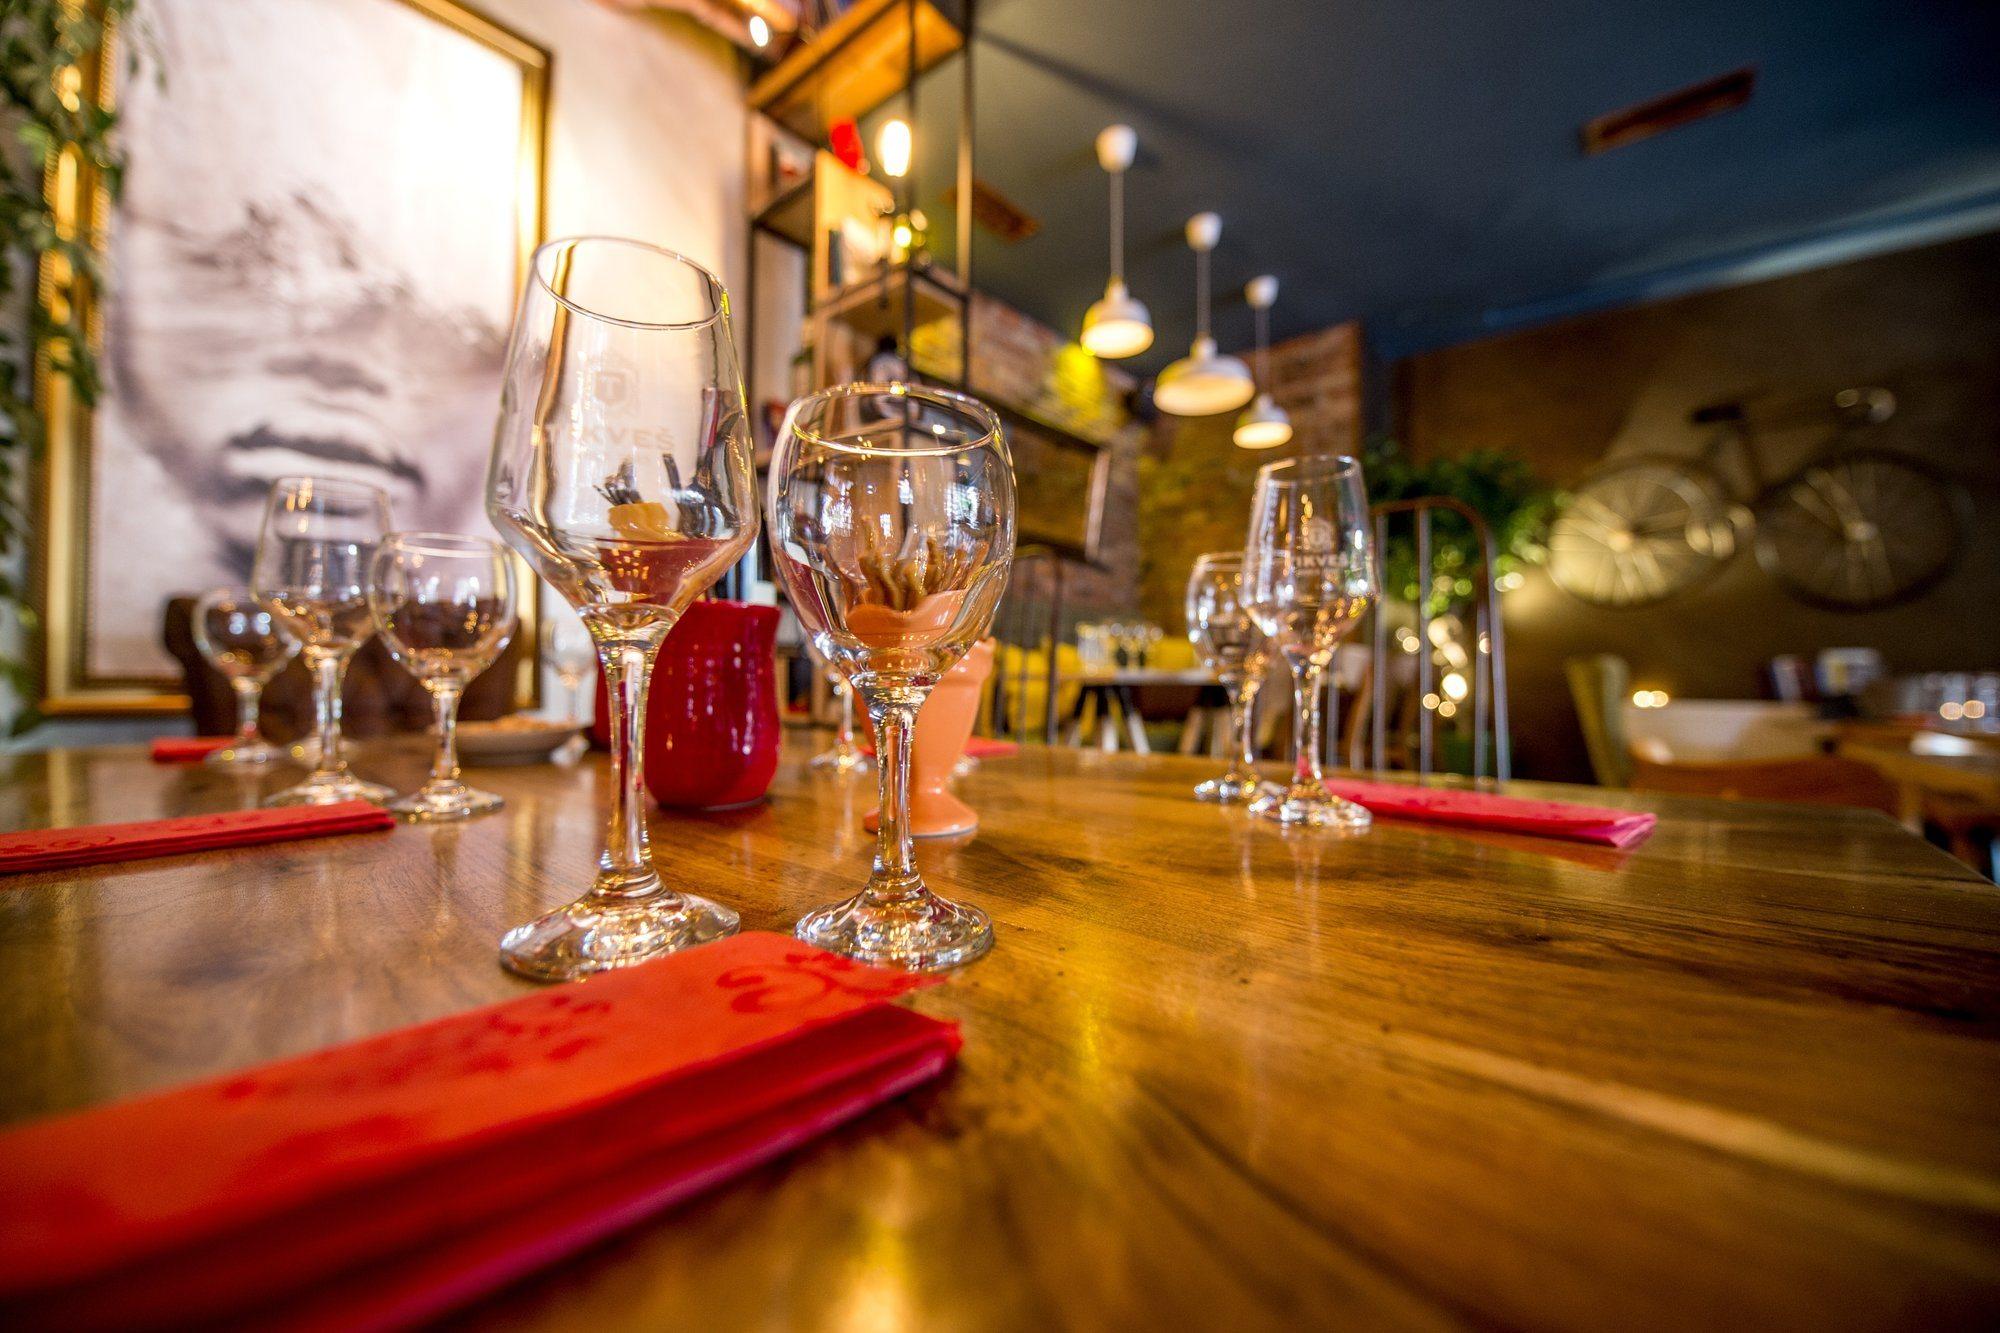 The Best Restaurants in Kandy